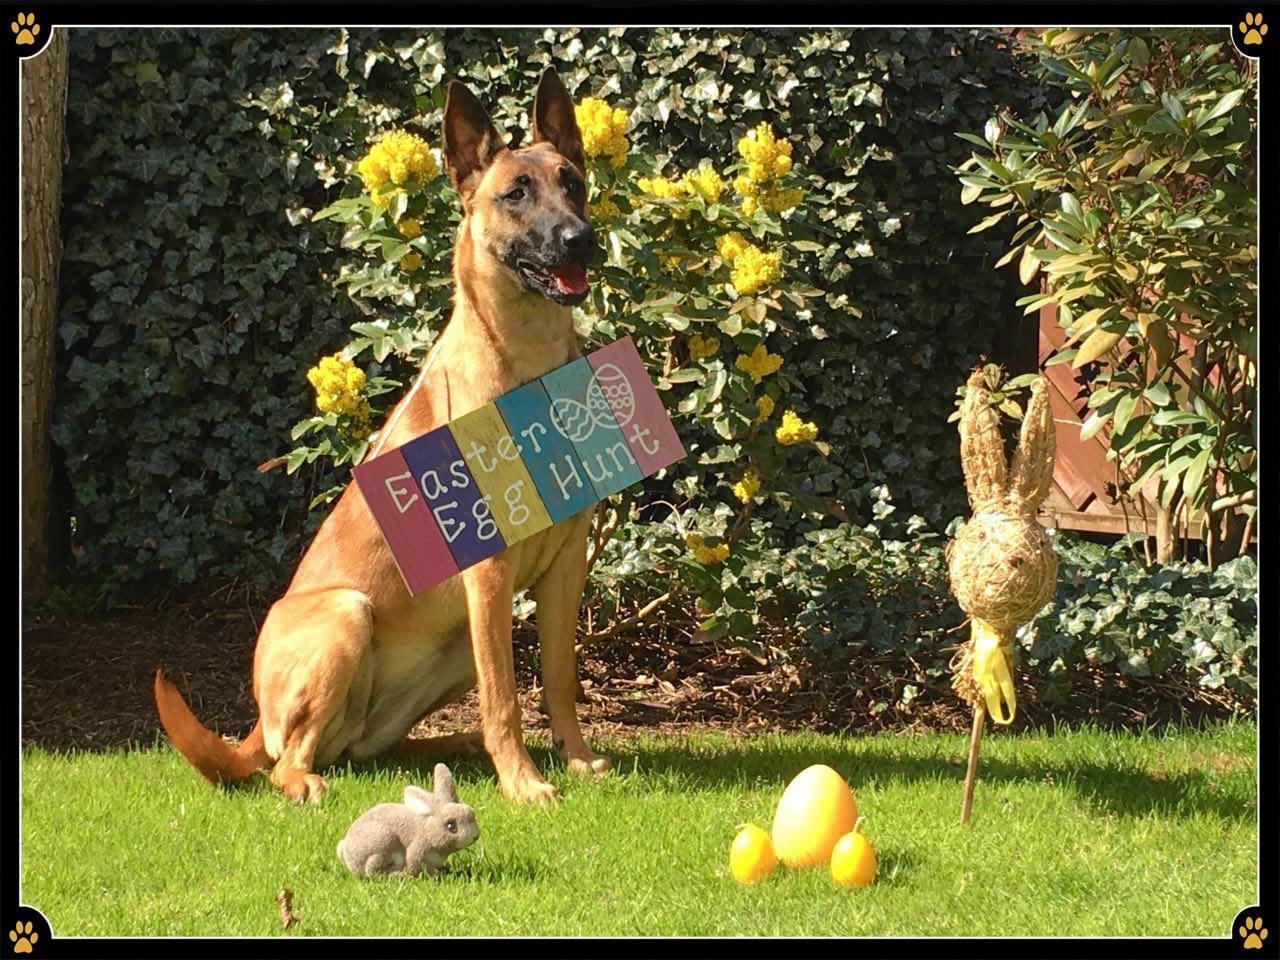 🐣🐰🐣 JoBaDog wünscht allen Hundeschülern und Freunden wunderschöne Ostern! 🥰 - Bei uns gingen die Uhren etwas schneller. 🕐 Denn der Osterhase hoppelte bereits am Karfreitag über den Platz🐇 und versteckte das ein oder andere Osterei. 😜🥚